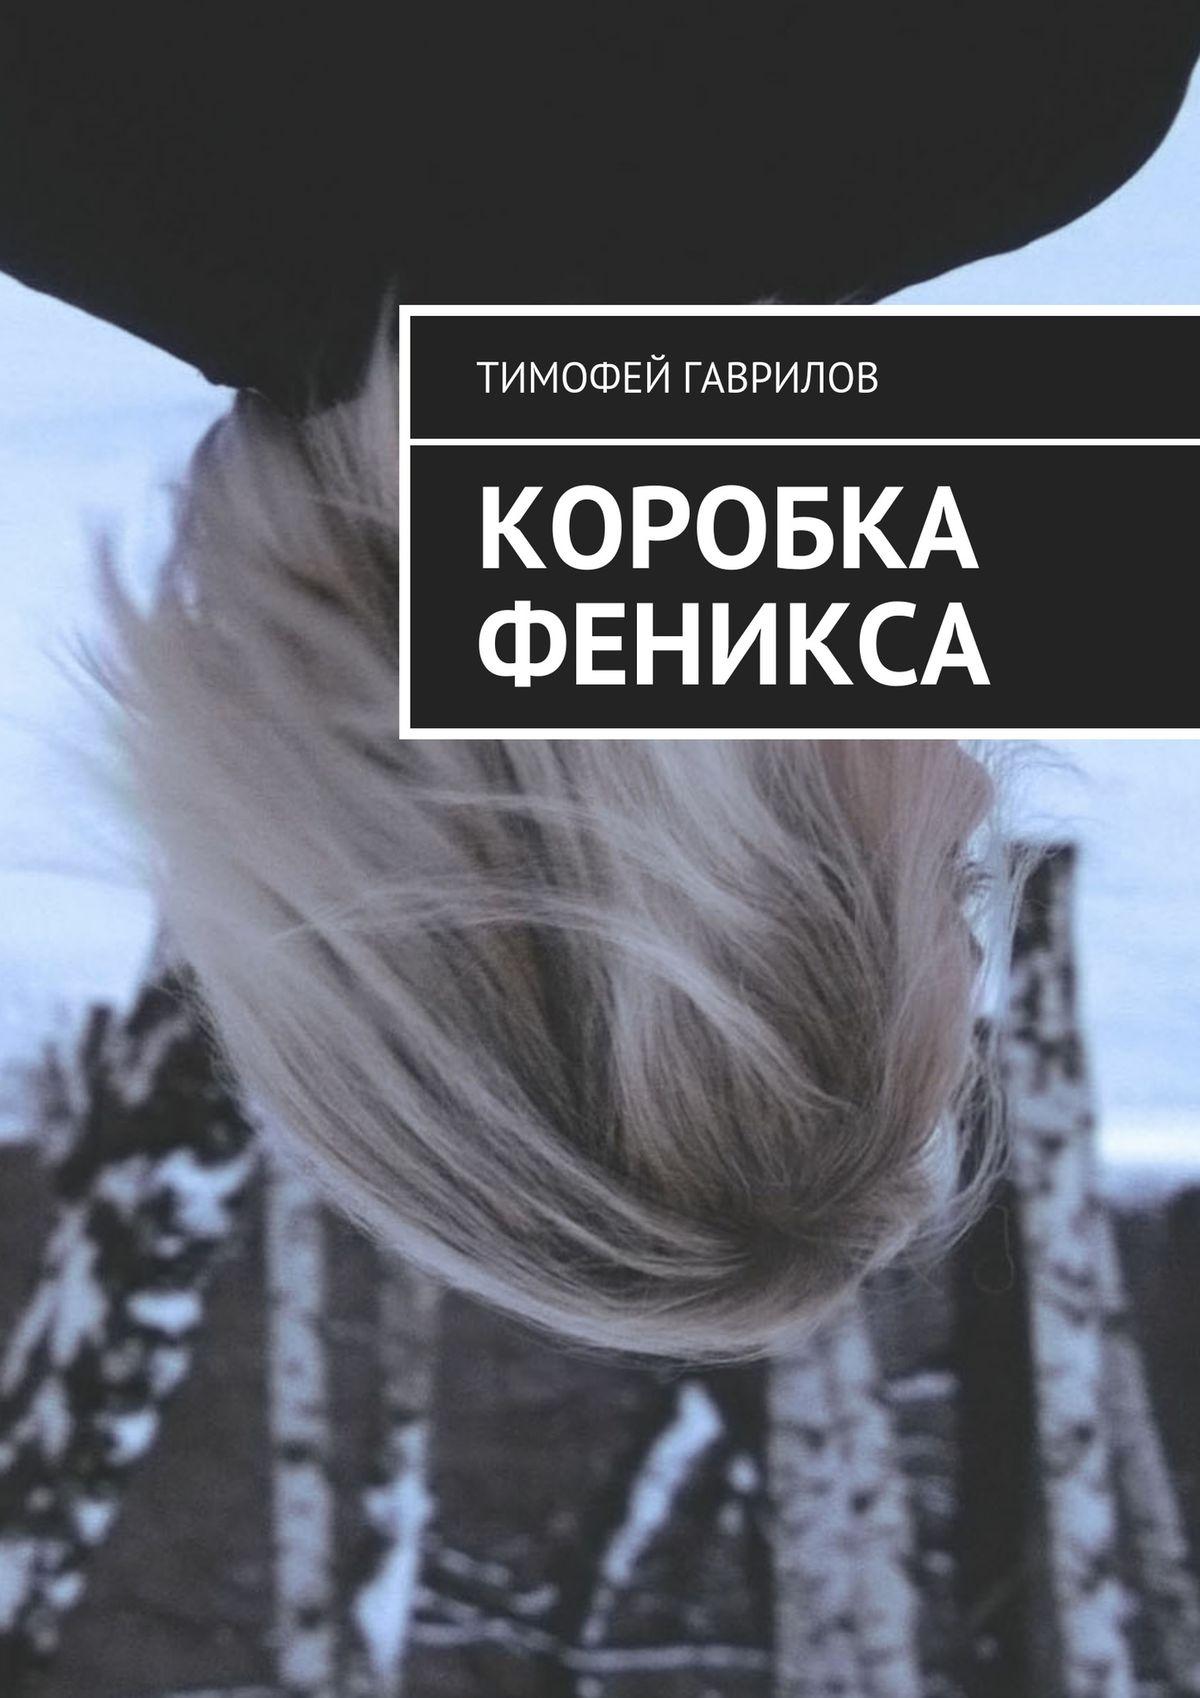 Тимофей Гаврилов Коробка феникса